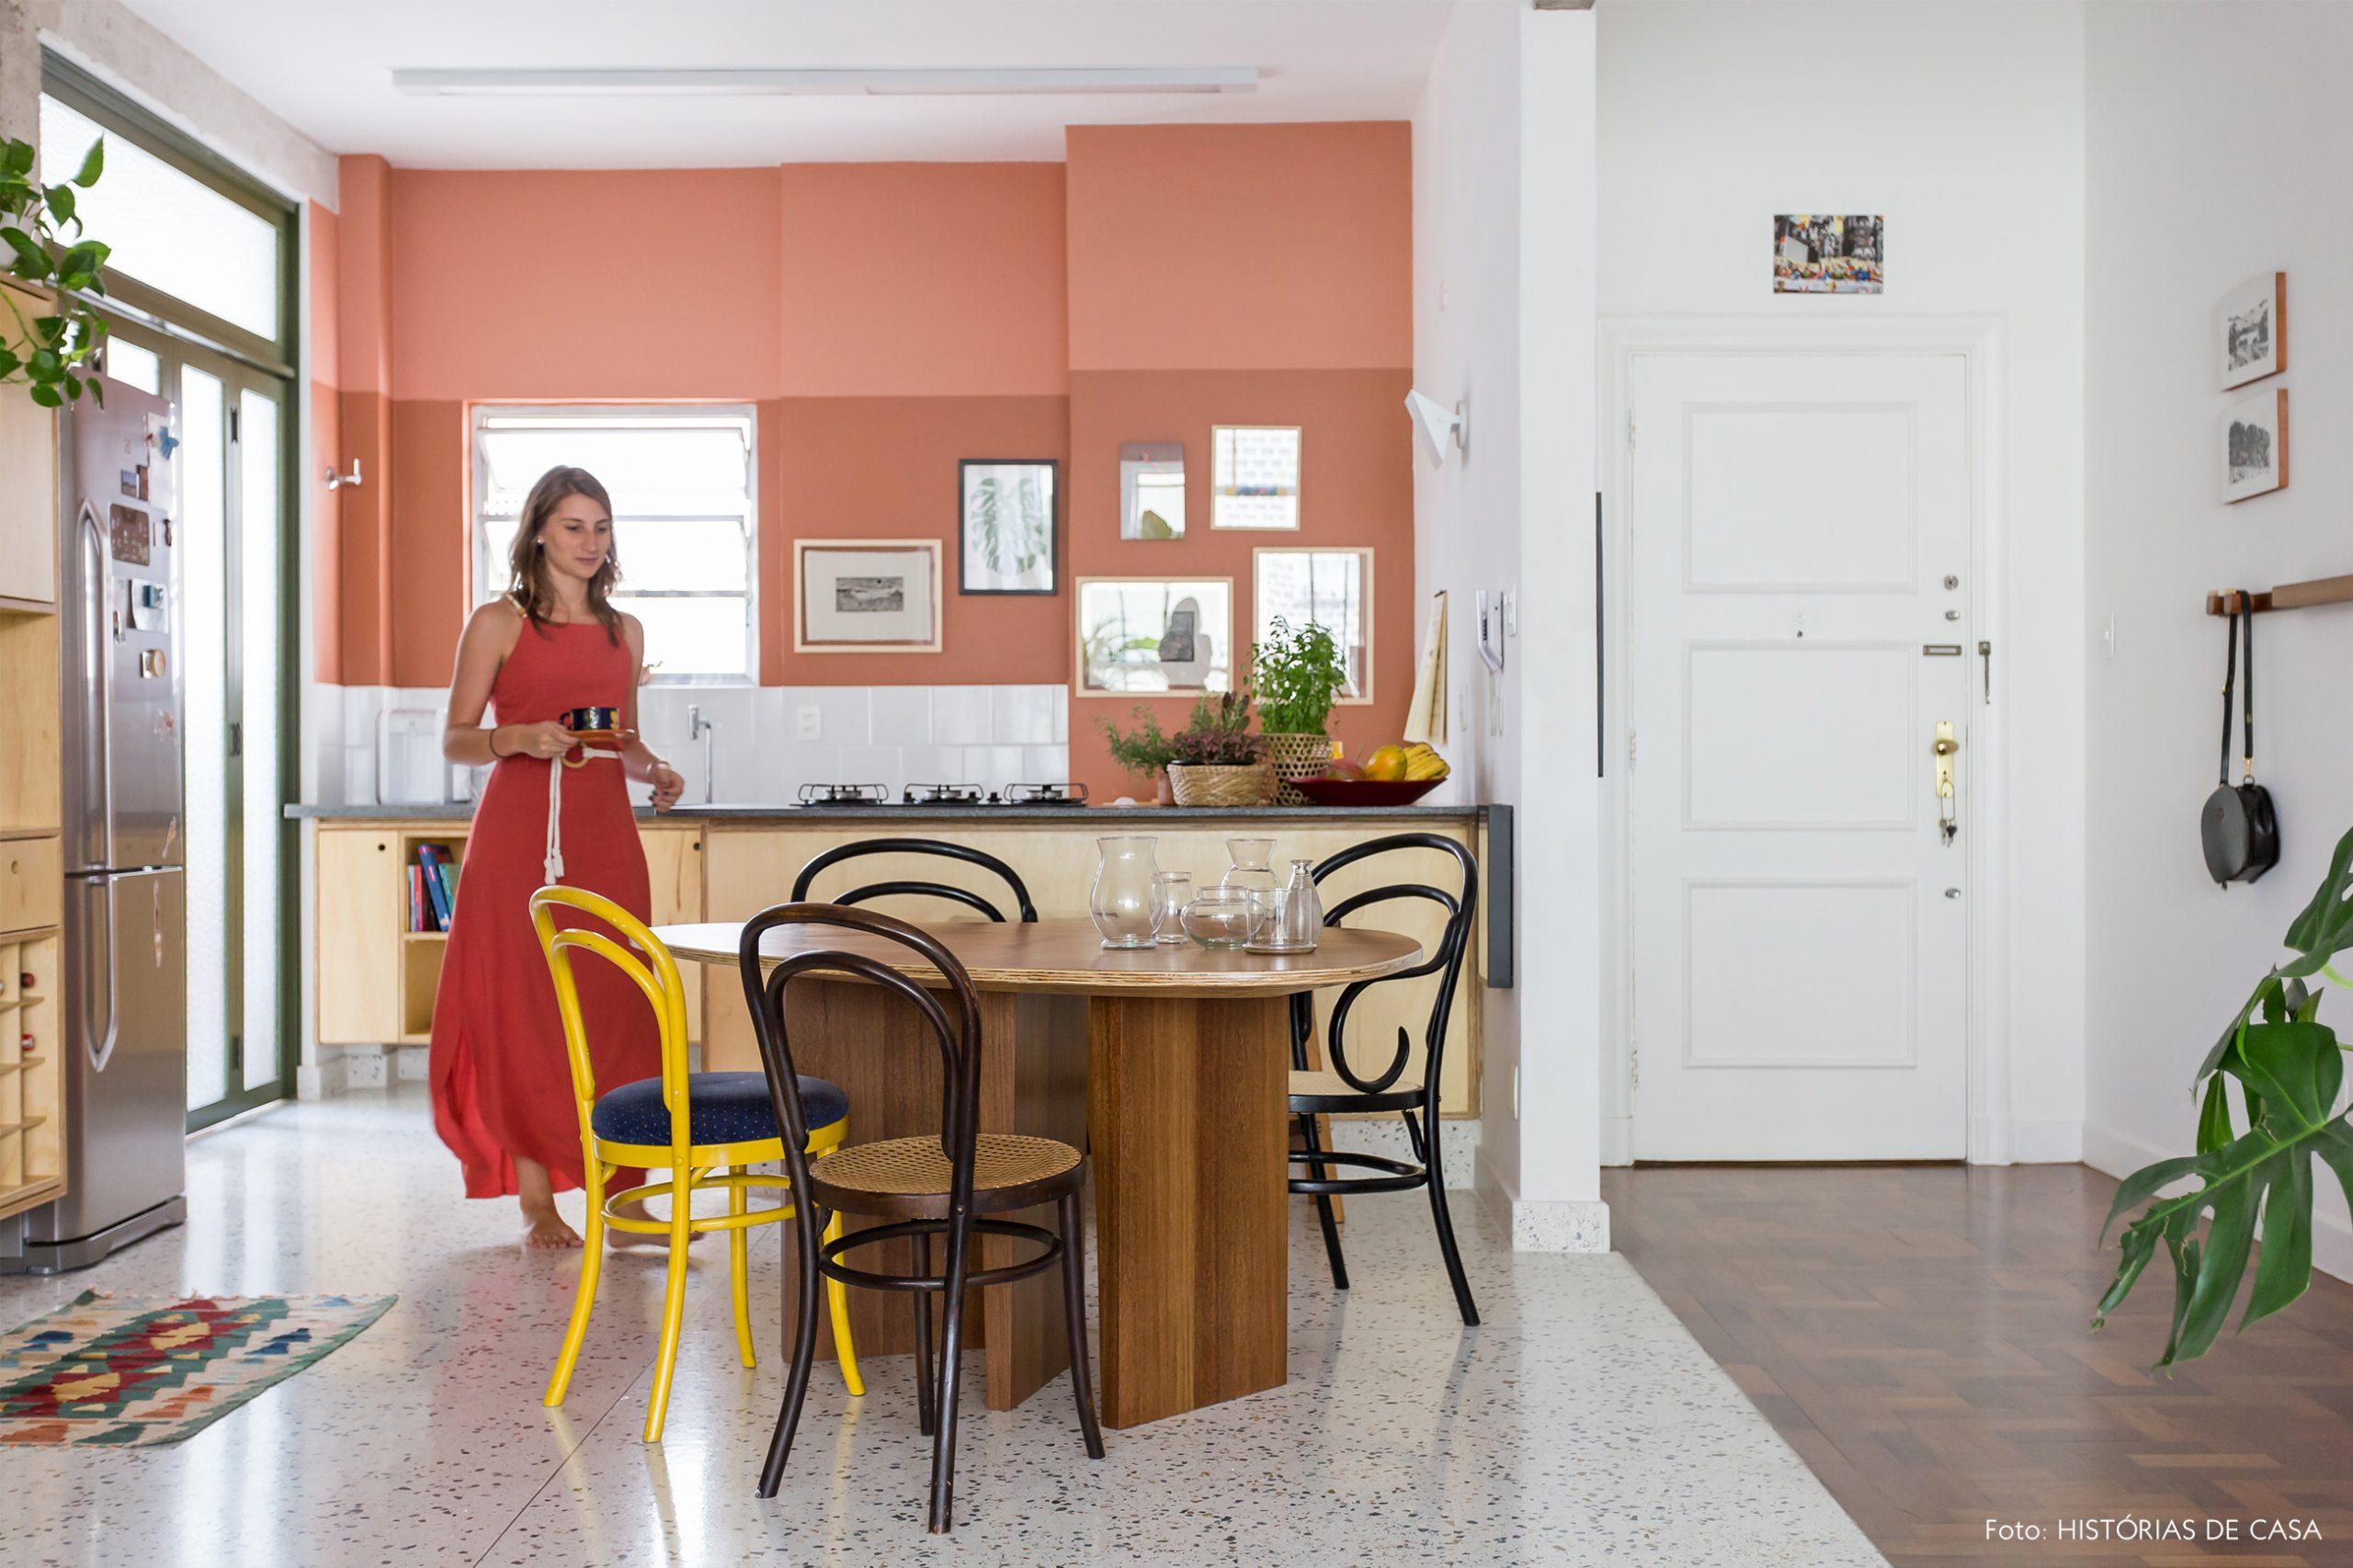 decoração cozinha com parede de tom terroso, cadeira thonet e armarios madeira